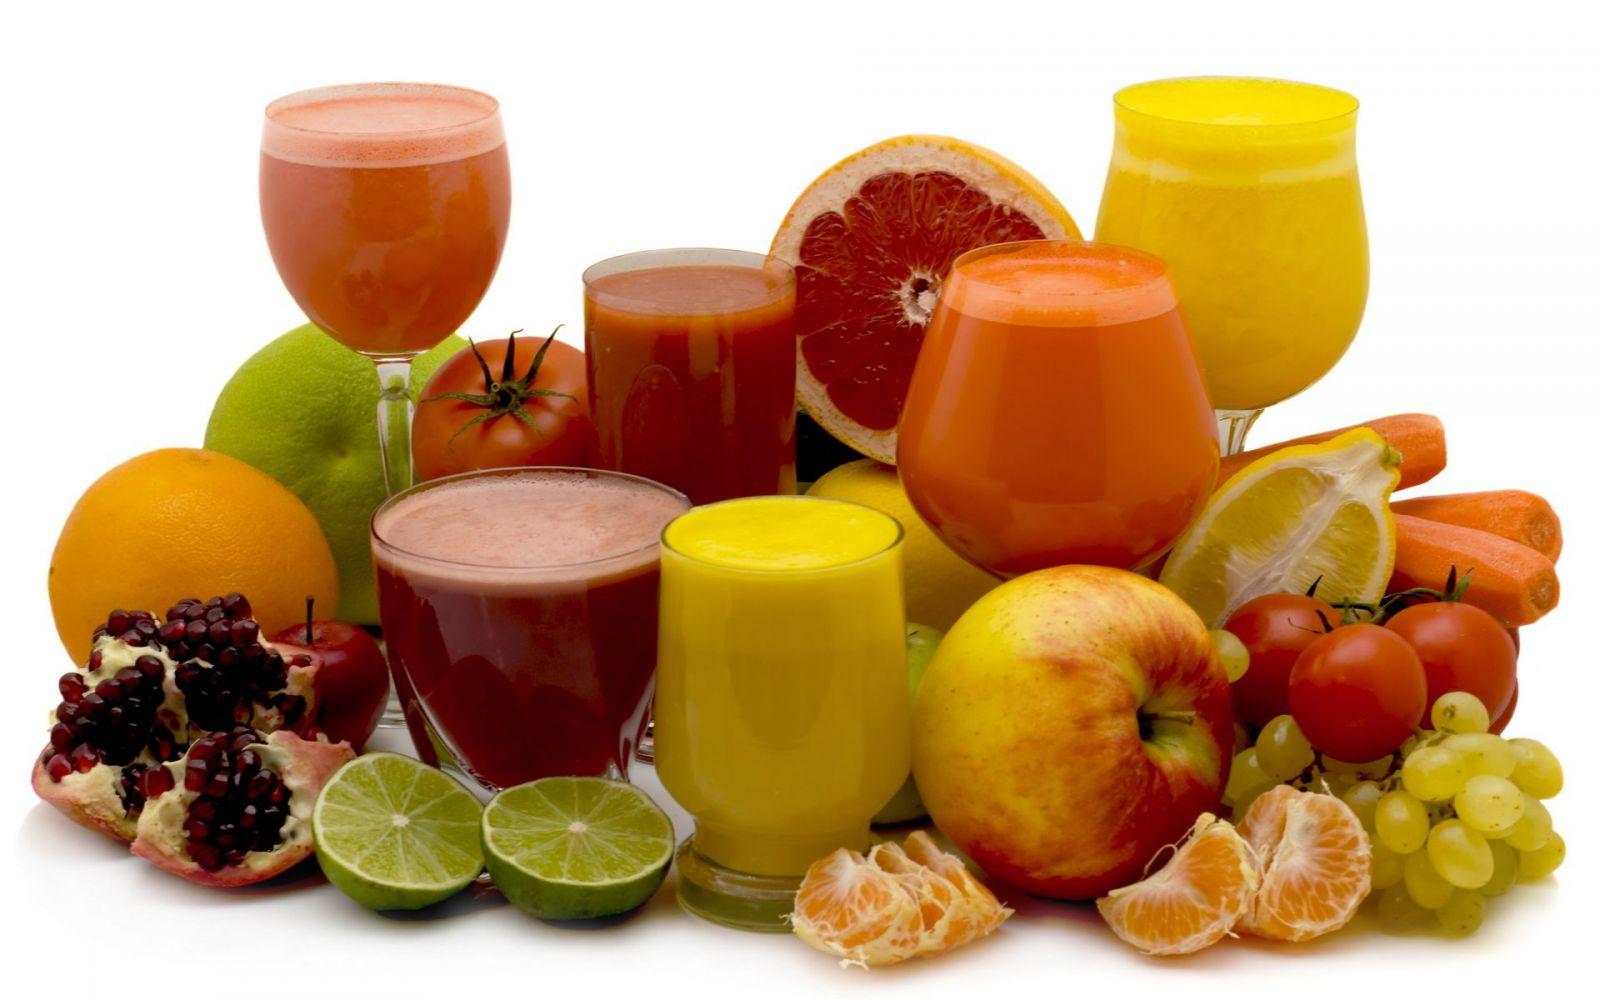 Правильное питание для студента: сбалансированный студенческий рацион